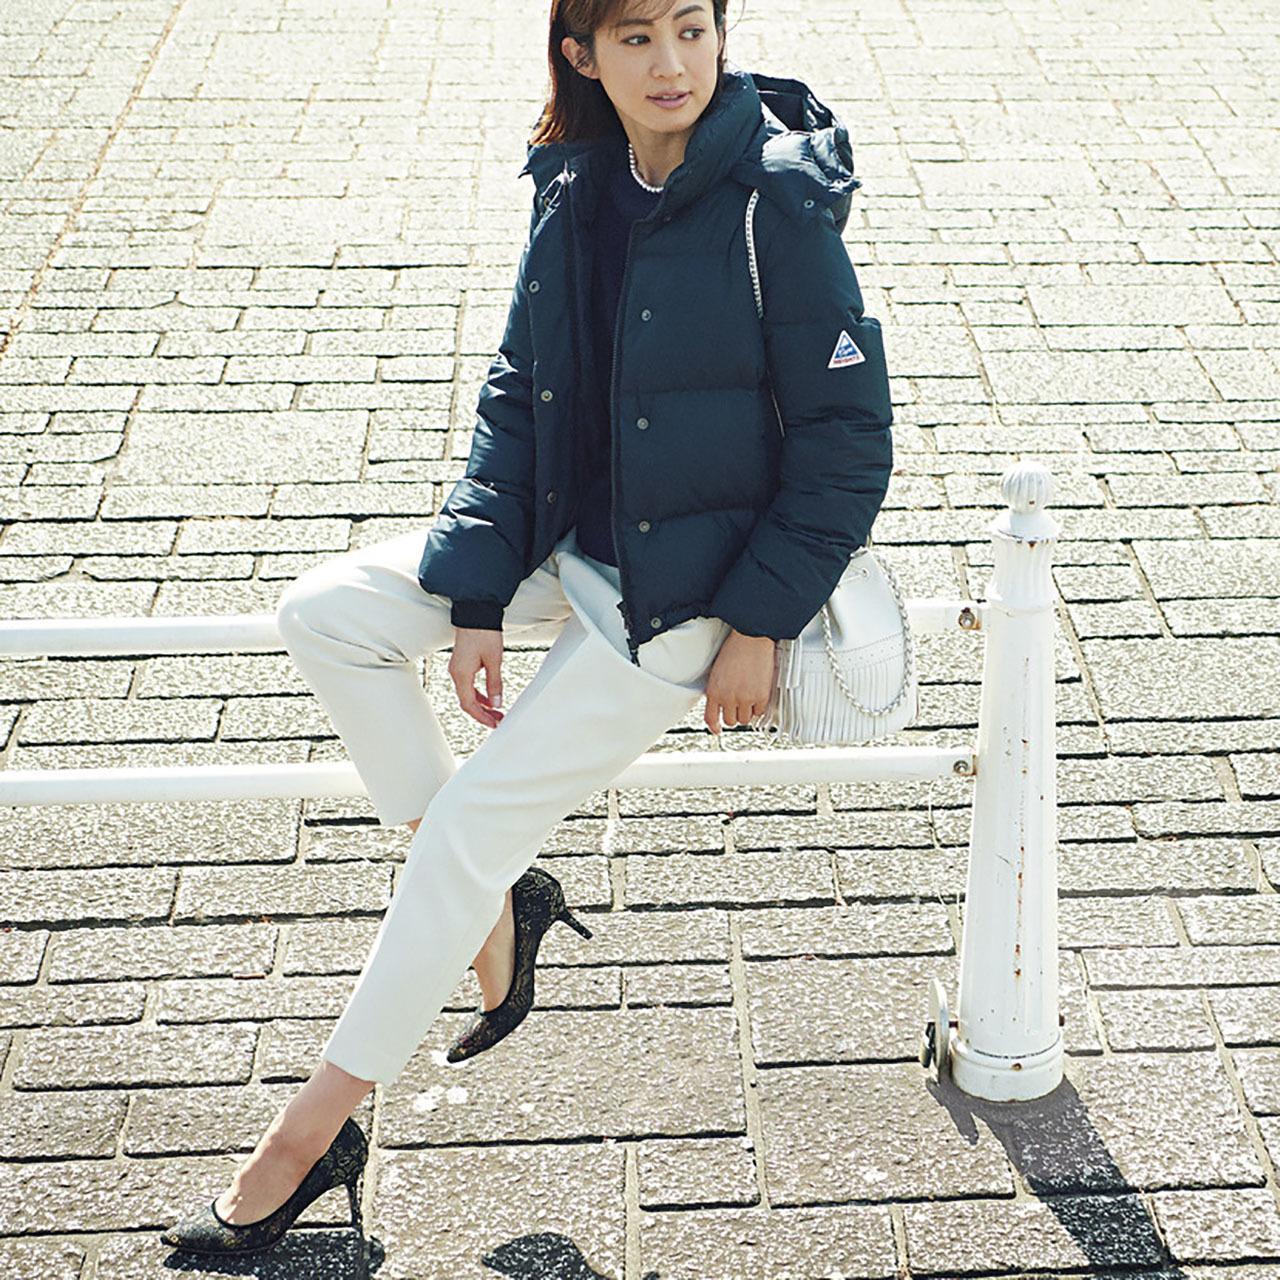 ダウンジャケット×パンツコーデを着たモデルの高垣麗子